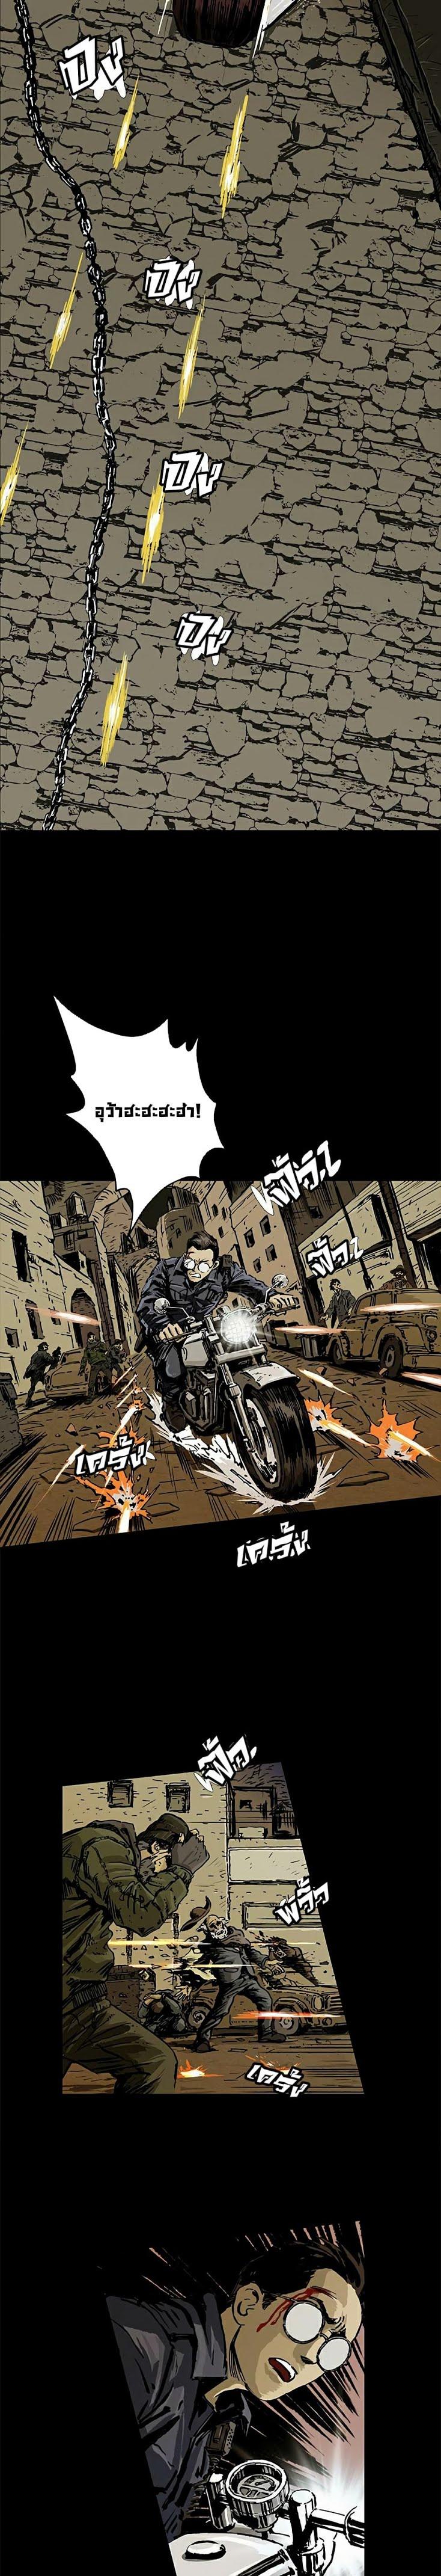 City of Zak - หน้า 4